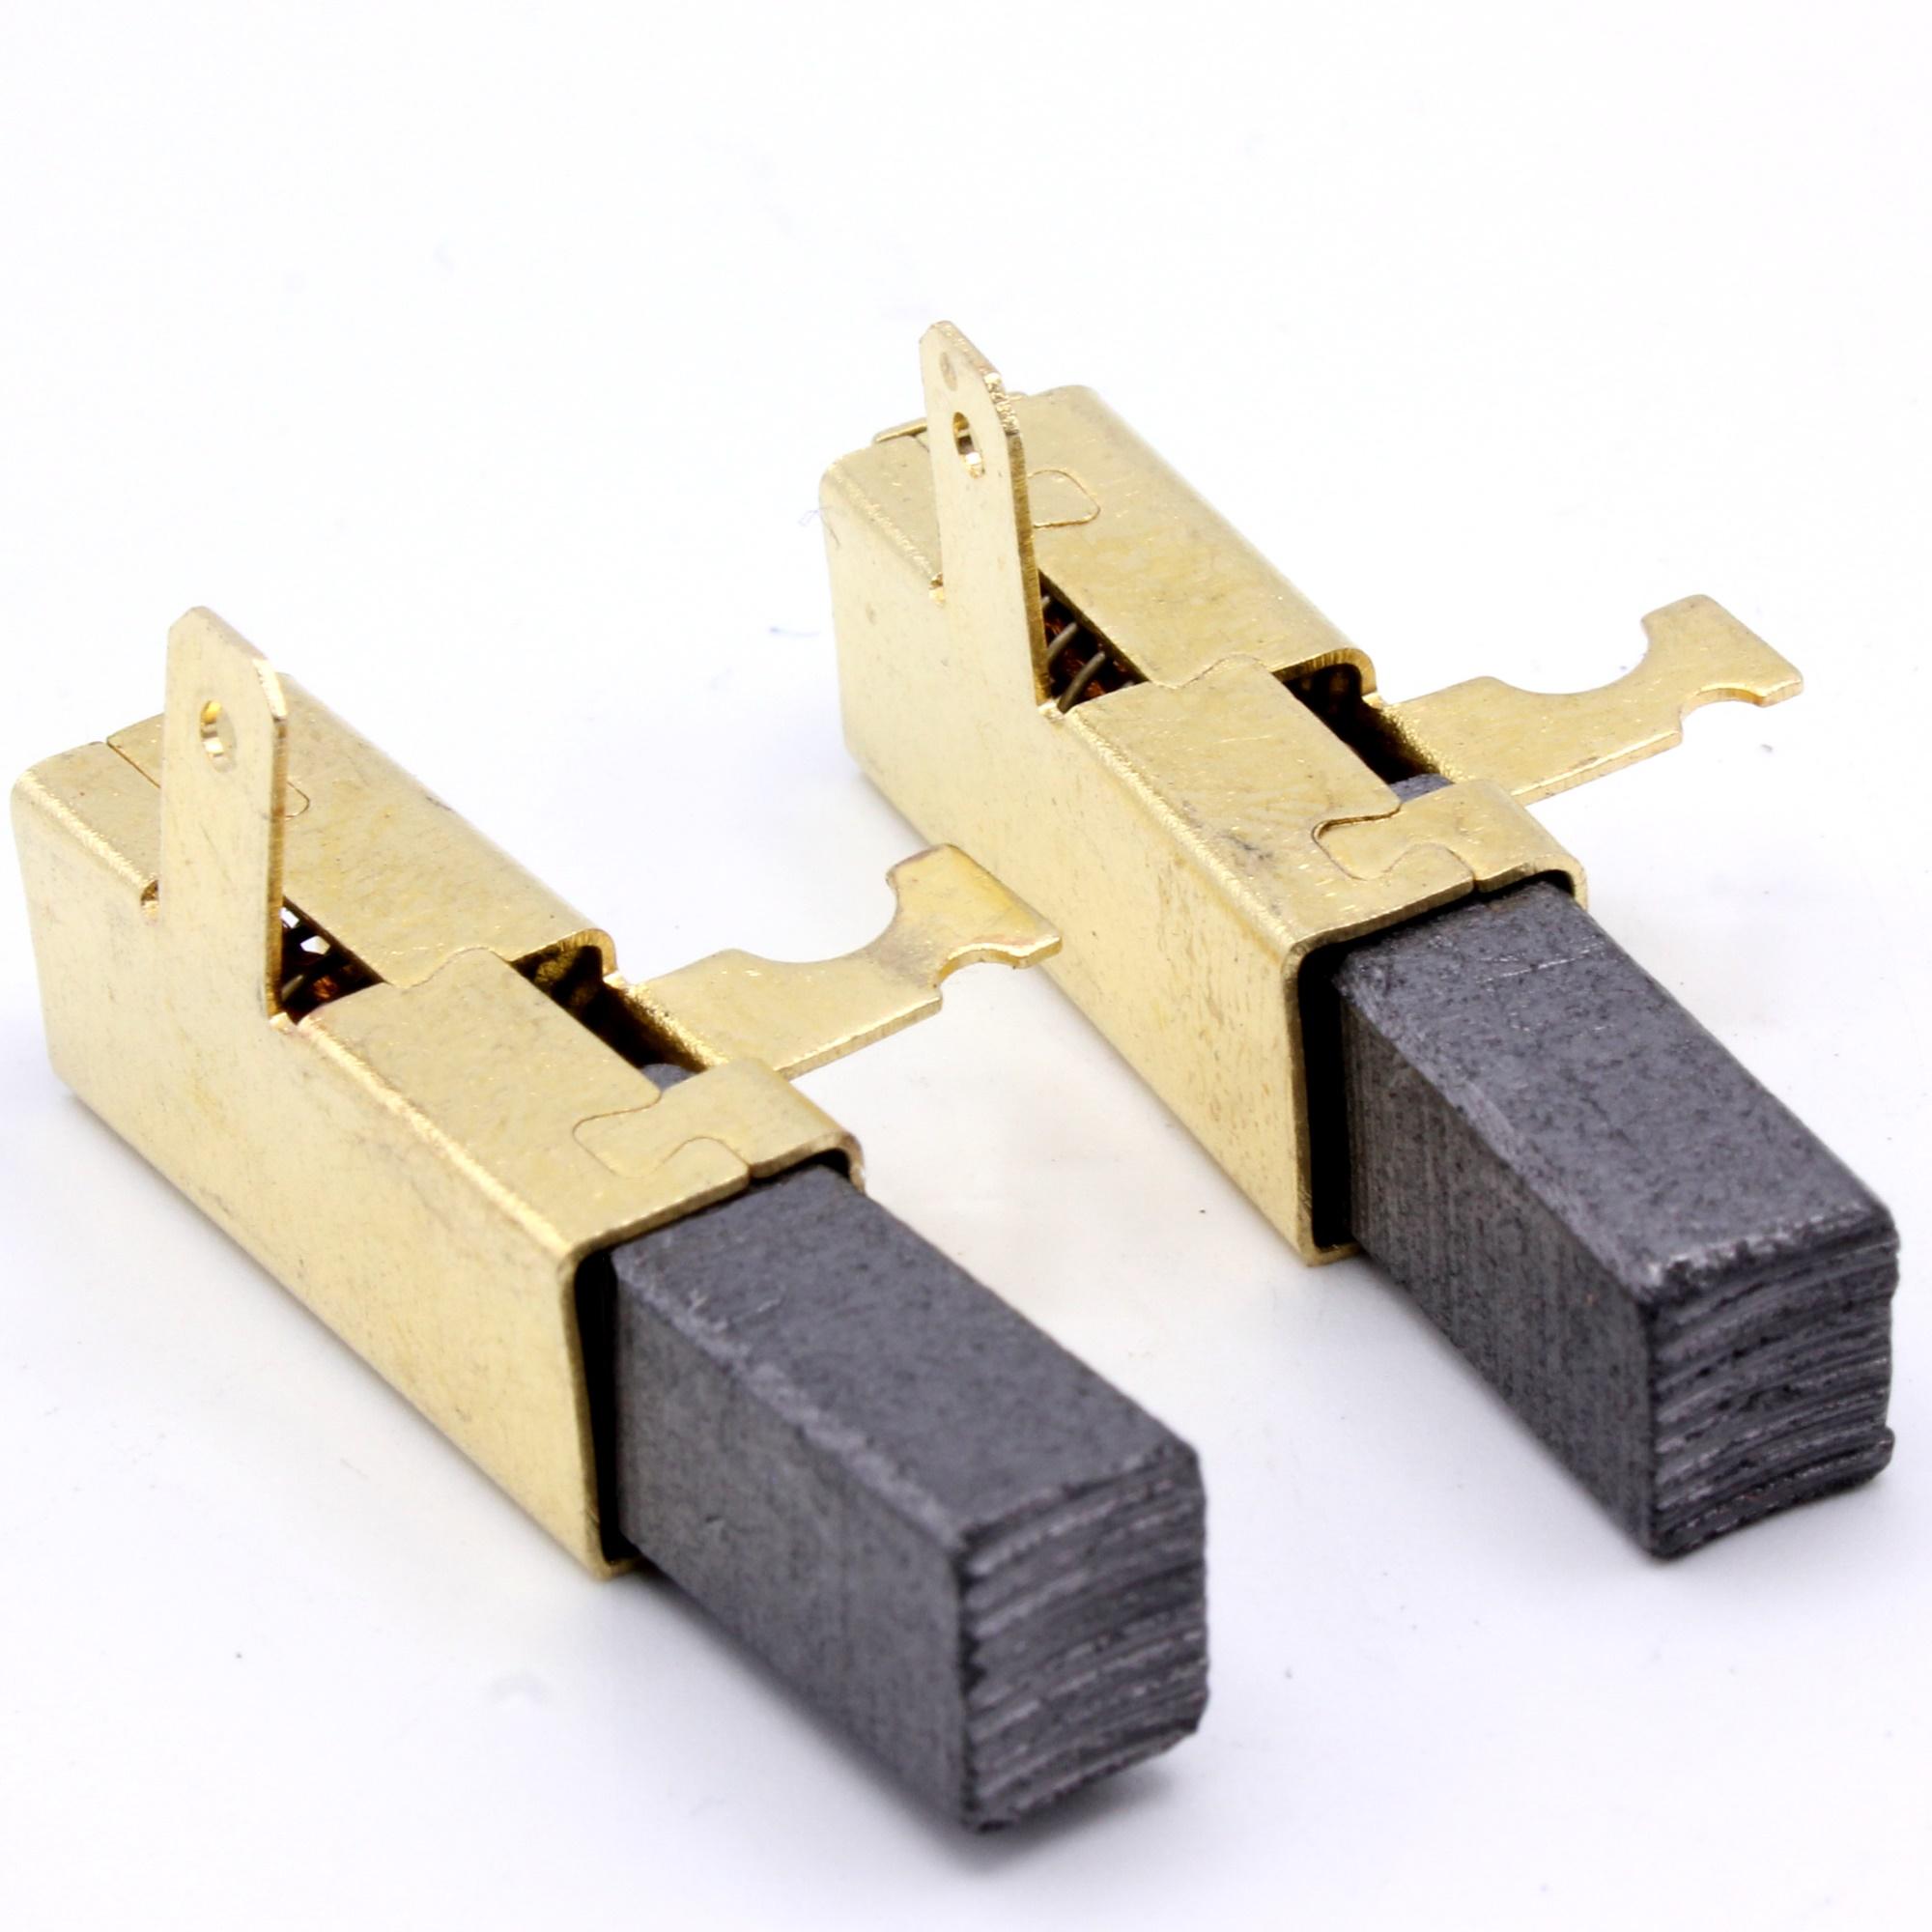 RW 3 E 2267 HL 750-6,3x10x17,5mm AXF 45 Kohlebürsten FESTOOL ATX 50 LA